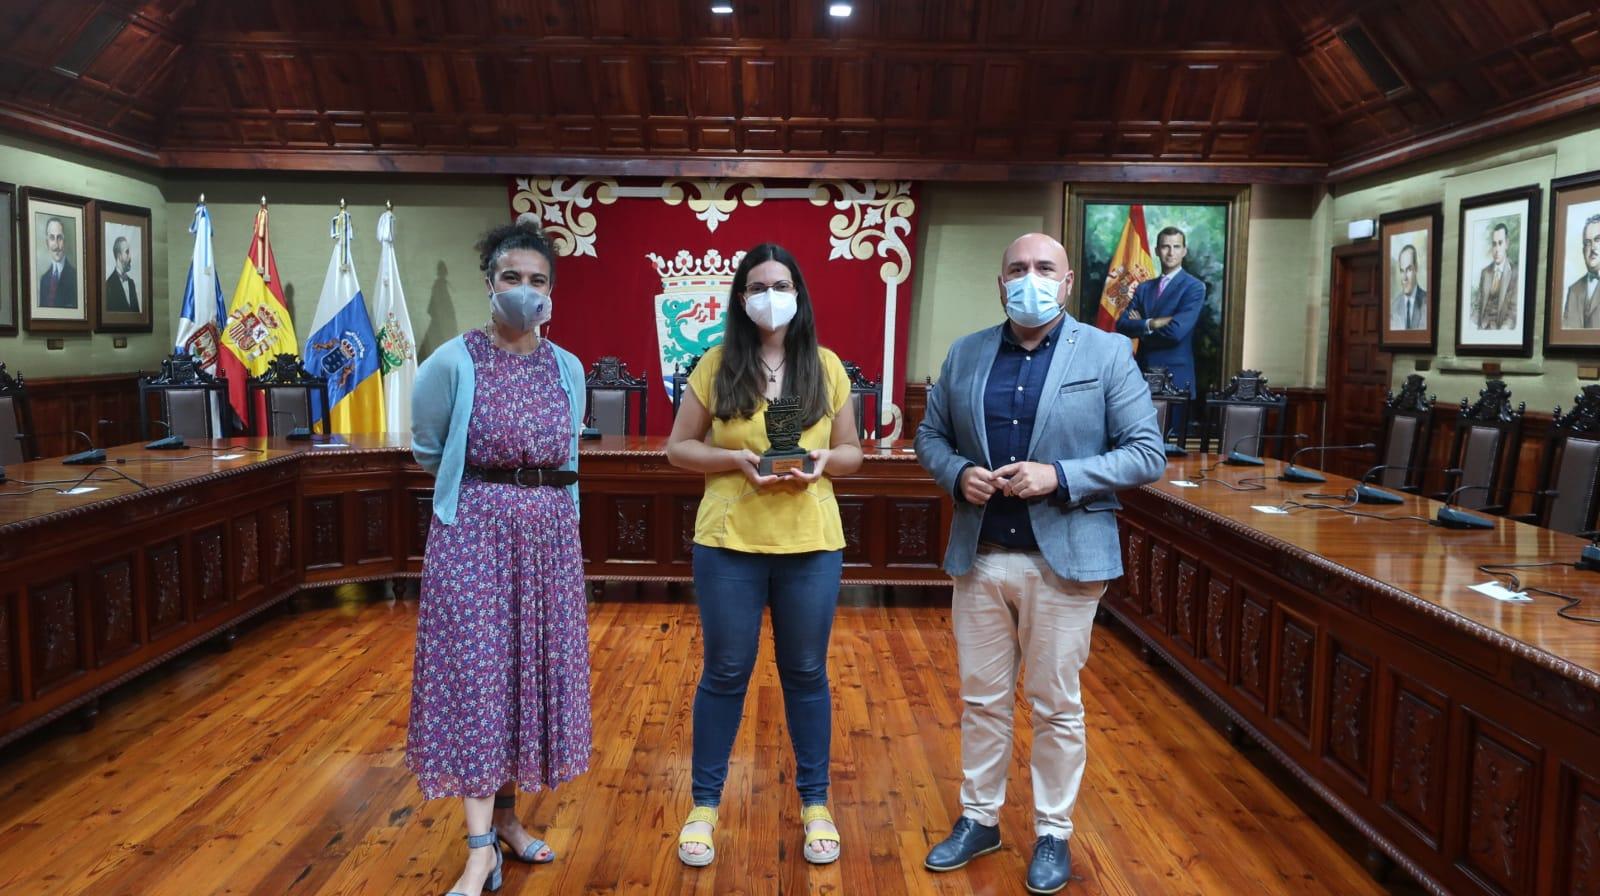 Marco González, Flora Perera y María del Mar del Pino Yanes. Puerto de La Cruz/ canariasnoticias